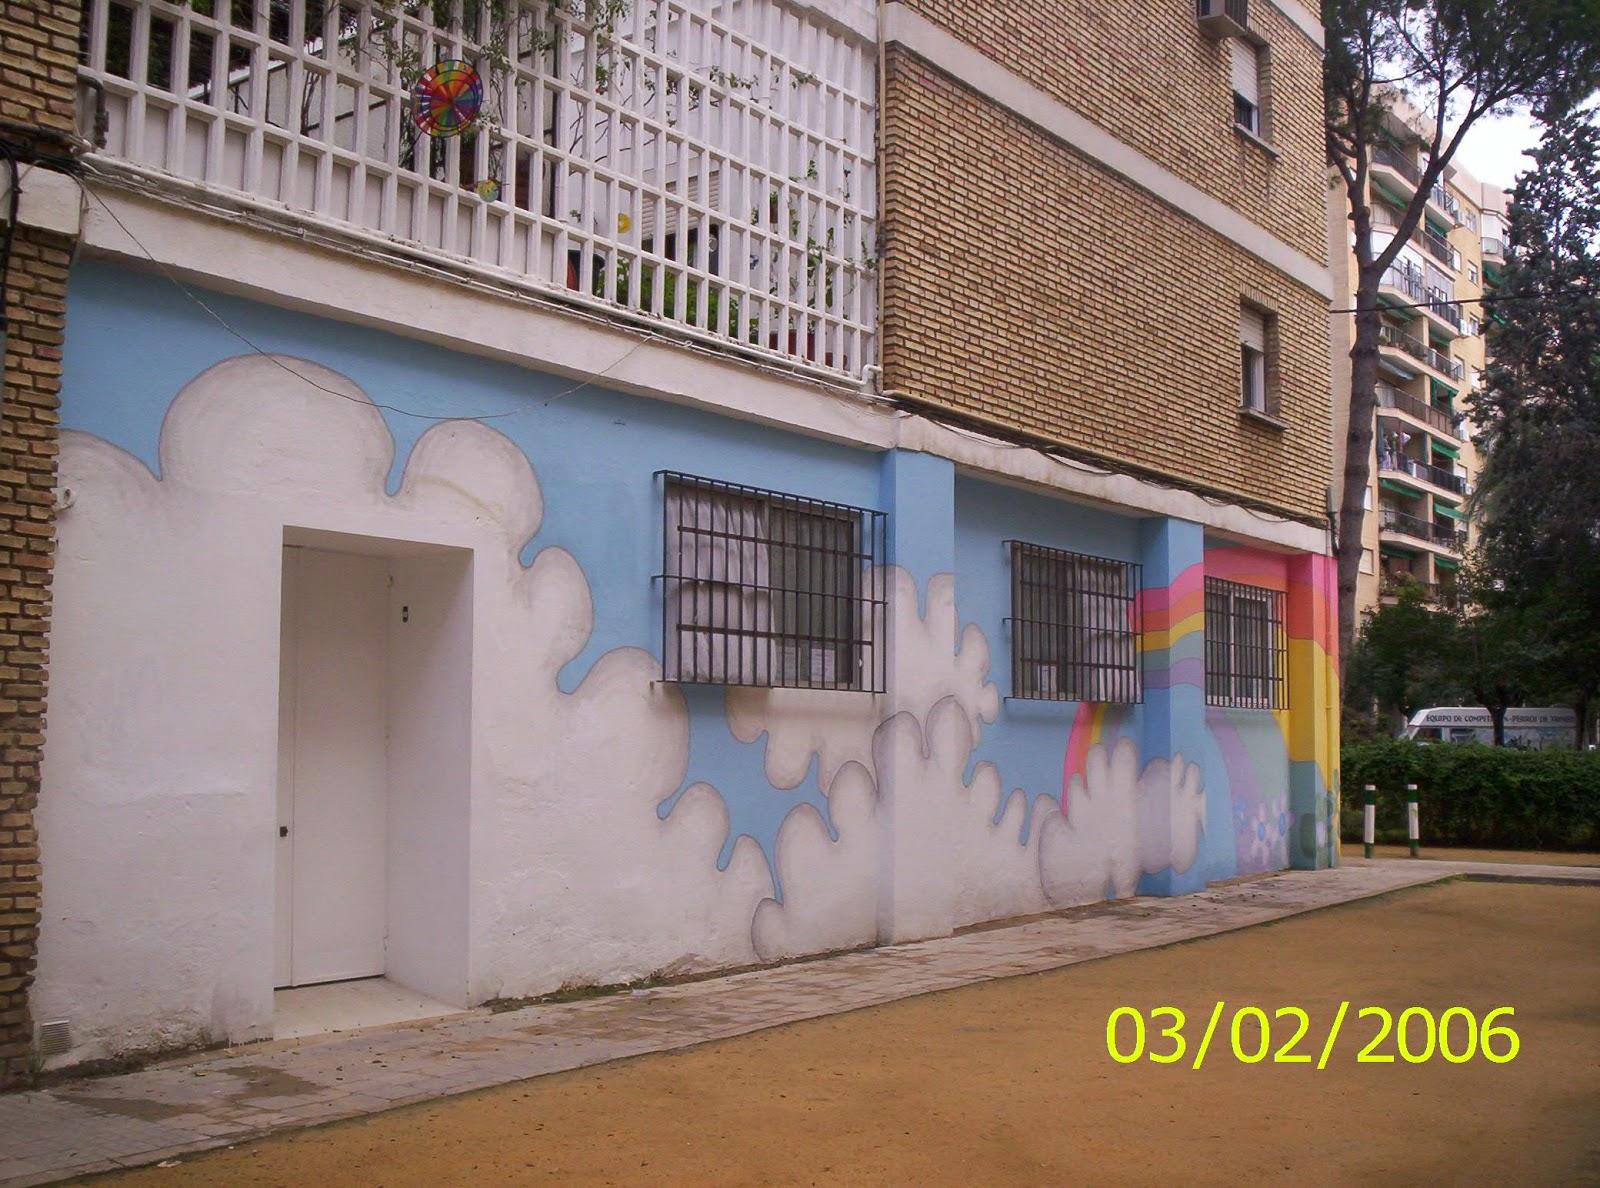 Murales infantiles pintados a mano 8 exterior de centro for Educacion exterior